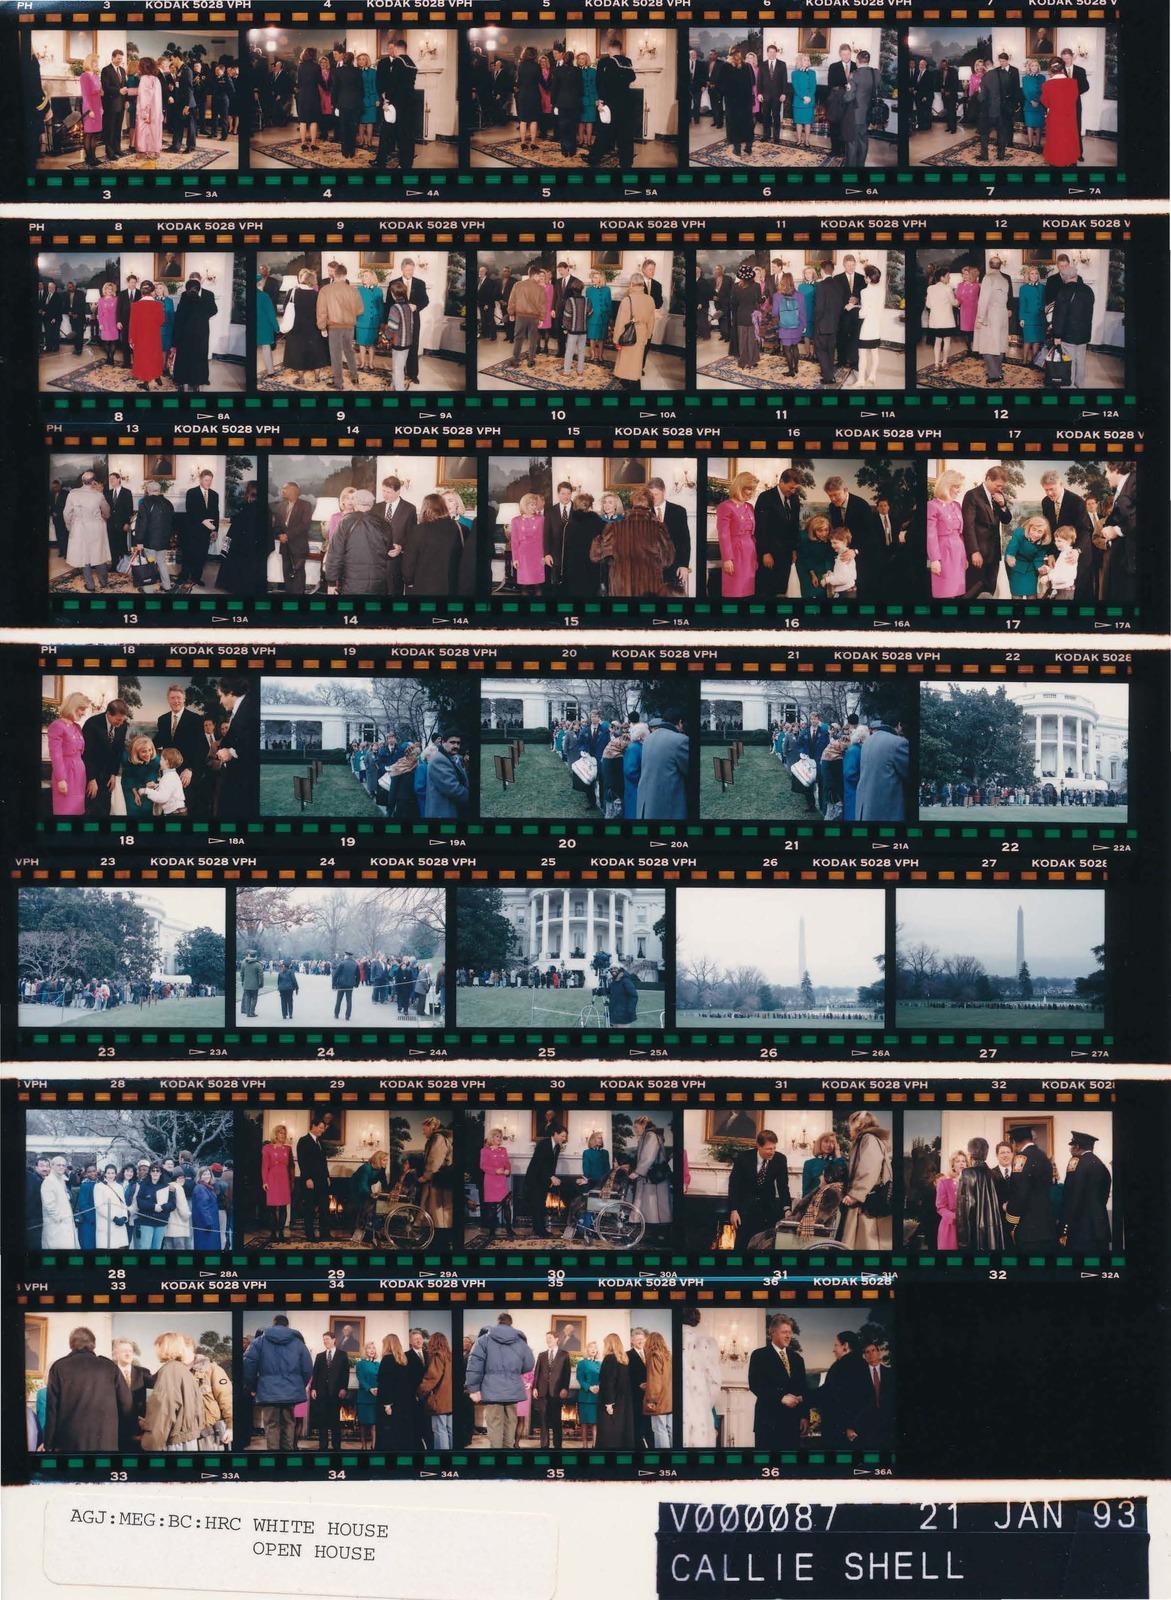 V000087, January 21, 1993